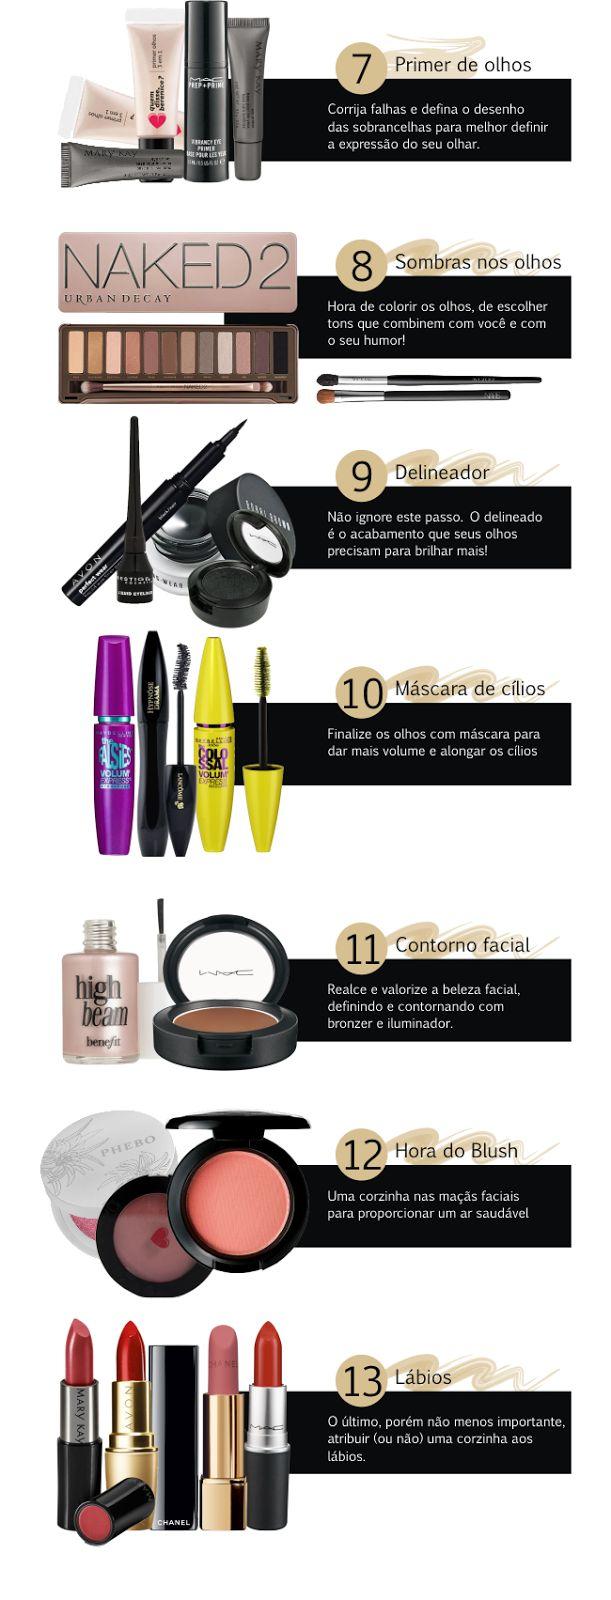 Maquiagem em 13 Passos | Parte 2